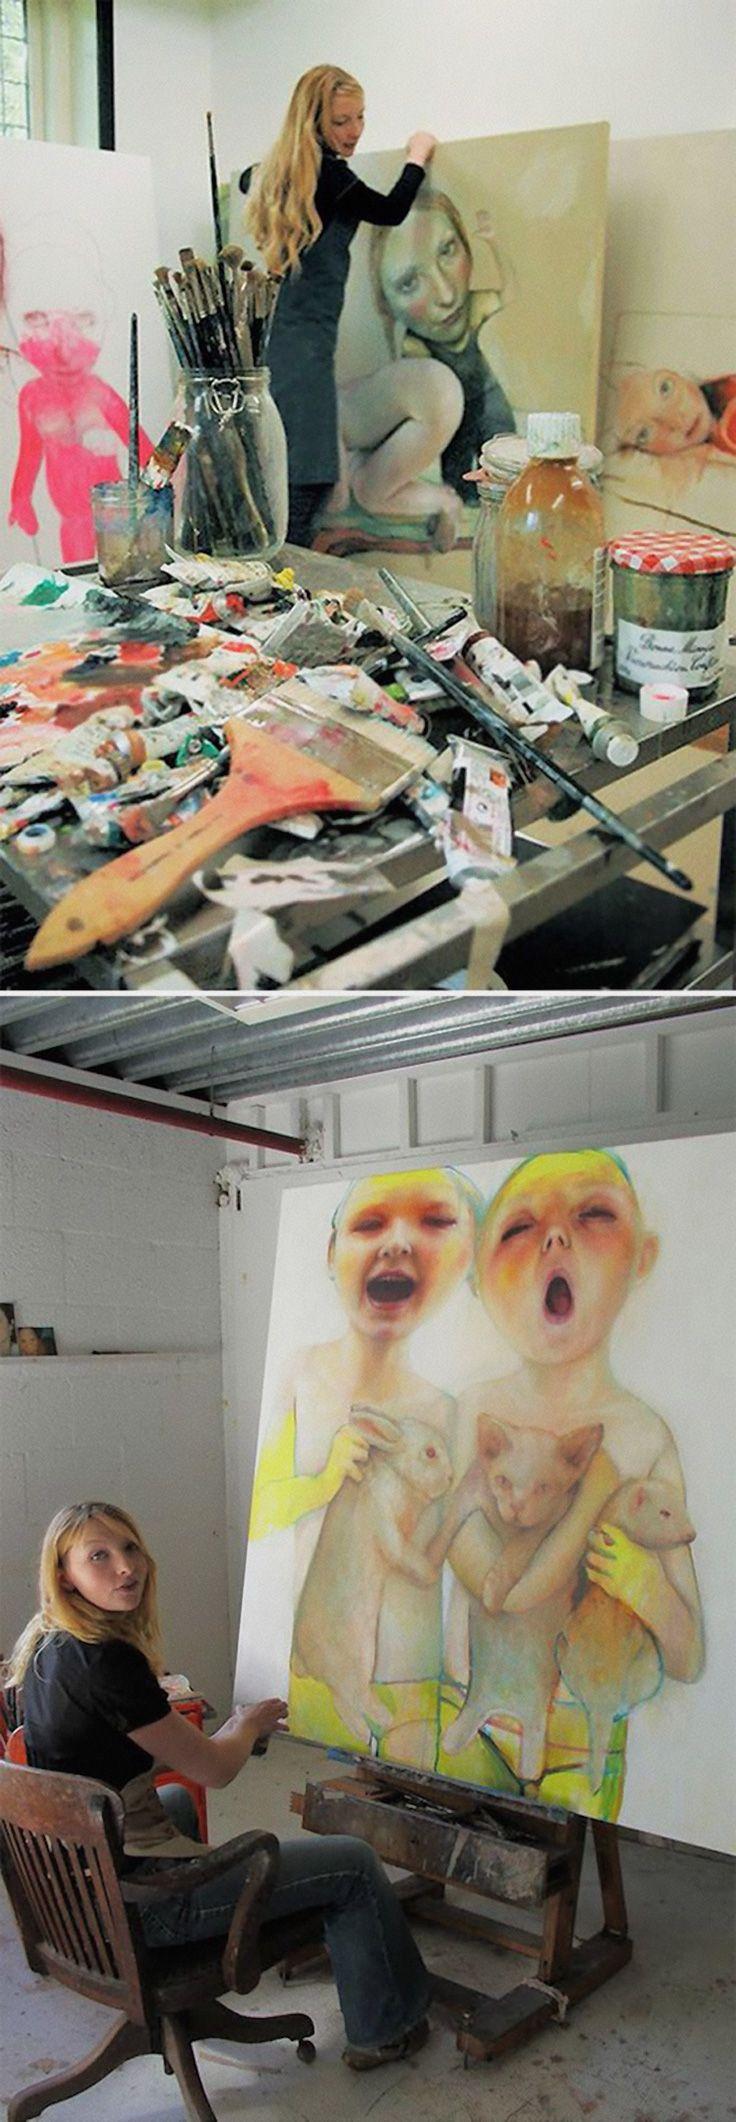 Tamara Muller, artist painting in her art studio #workspace. tamaramuller.nl